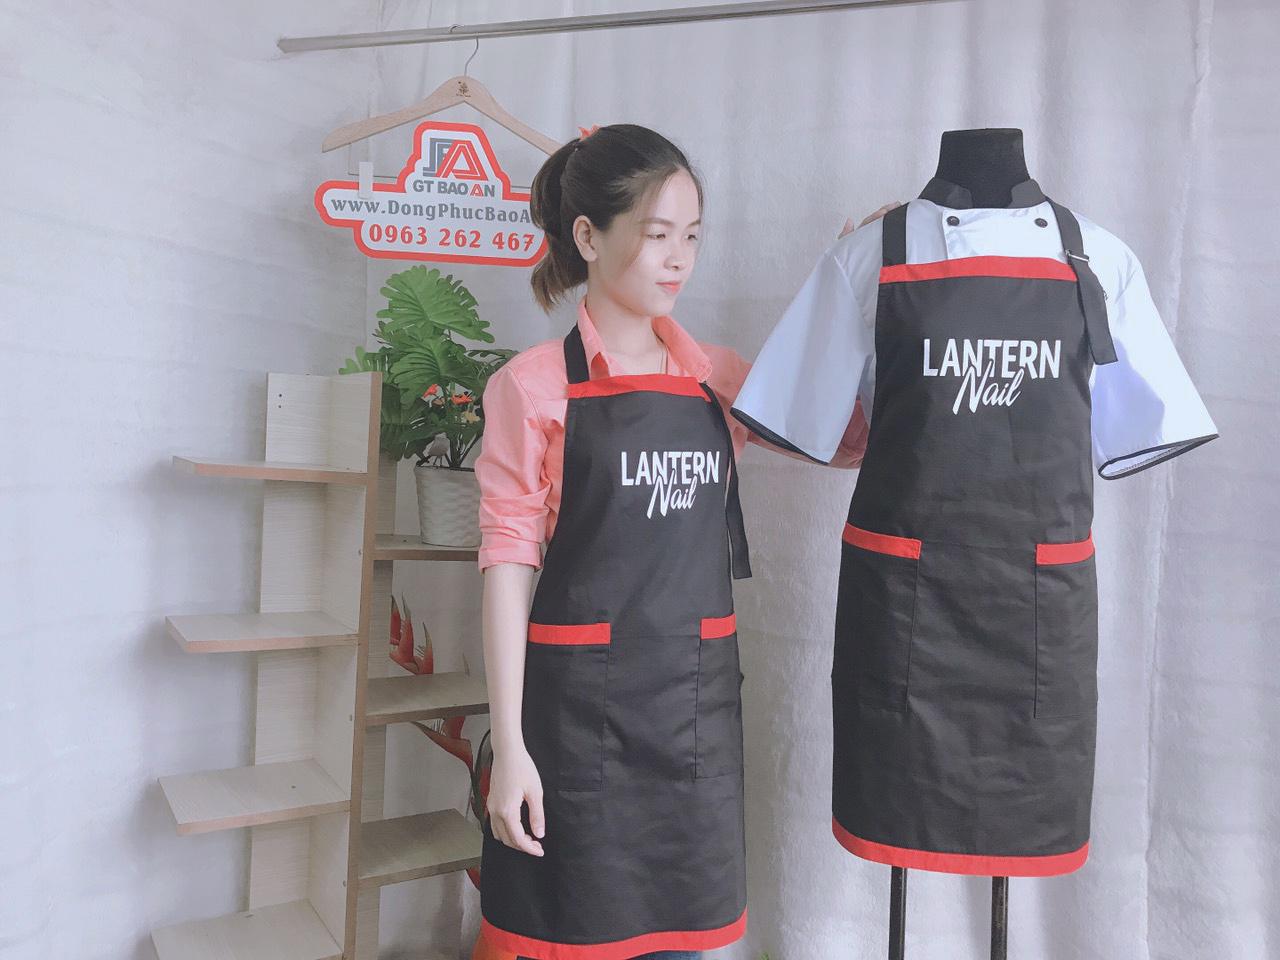 Tạp dề đầu bếp phục vụ đẹp giá rẻ